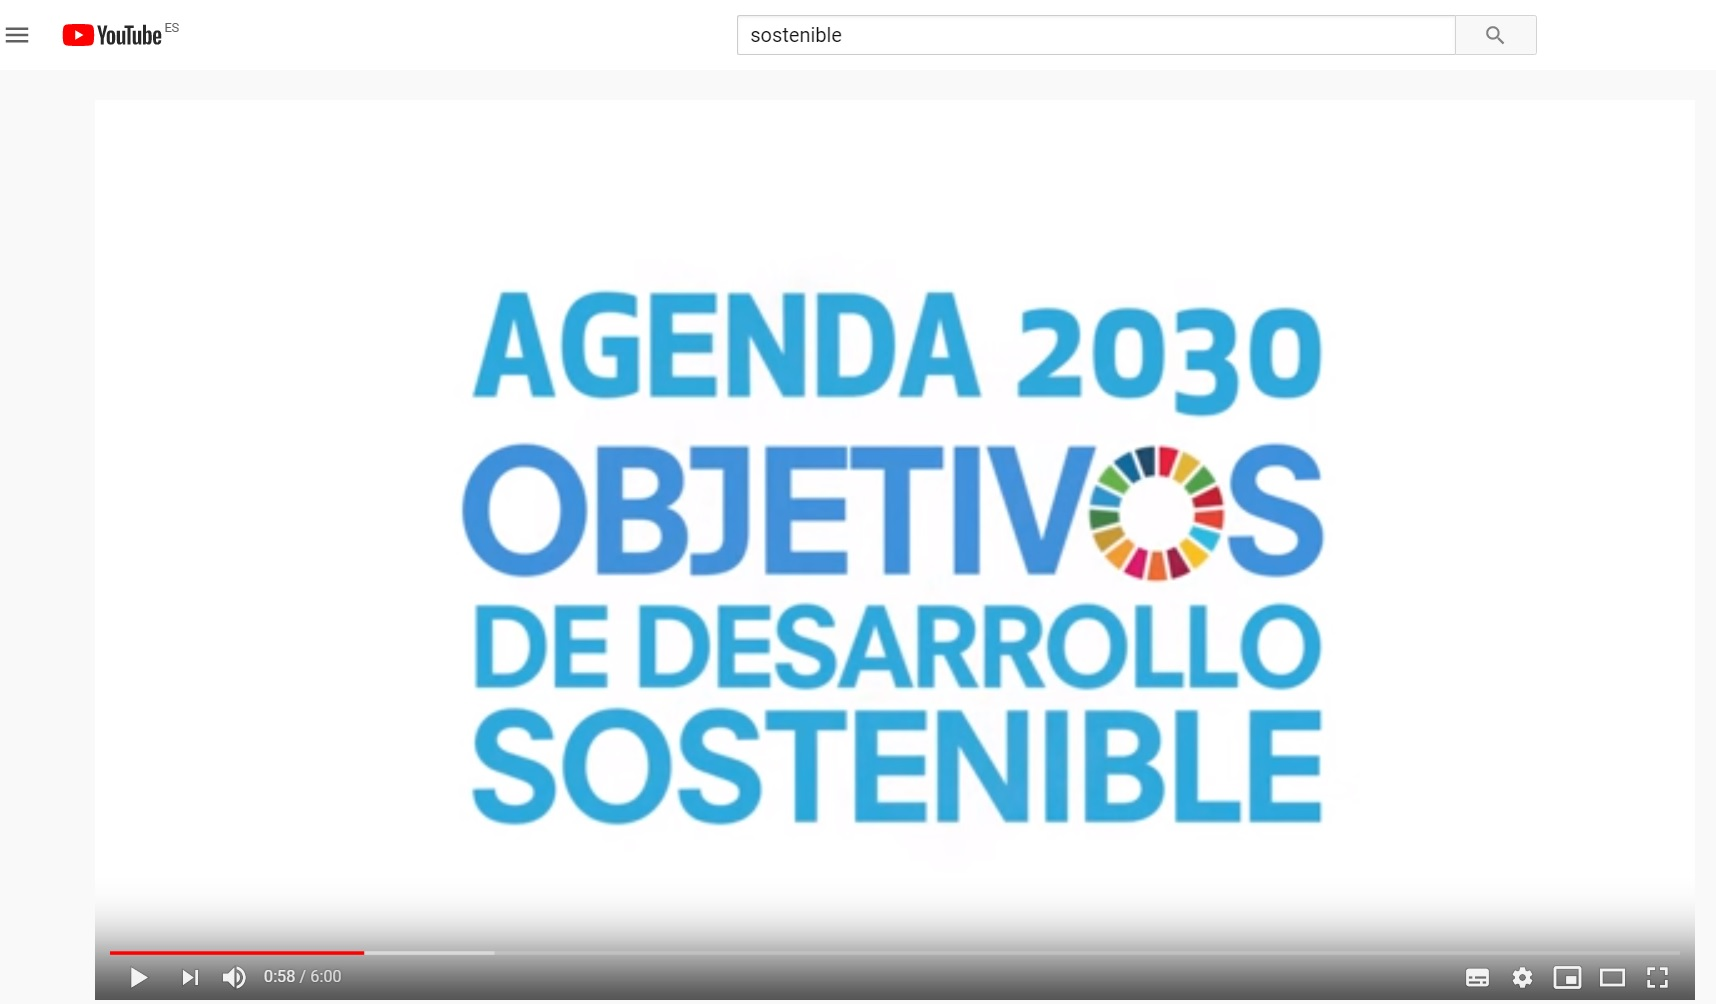 Vídeo en Youtube sobre los Objetivos de Desarrolllo Sostenible.